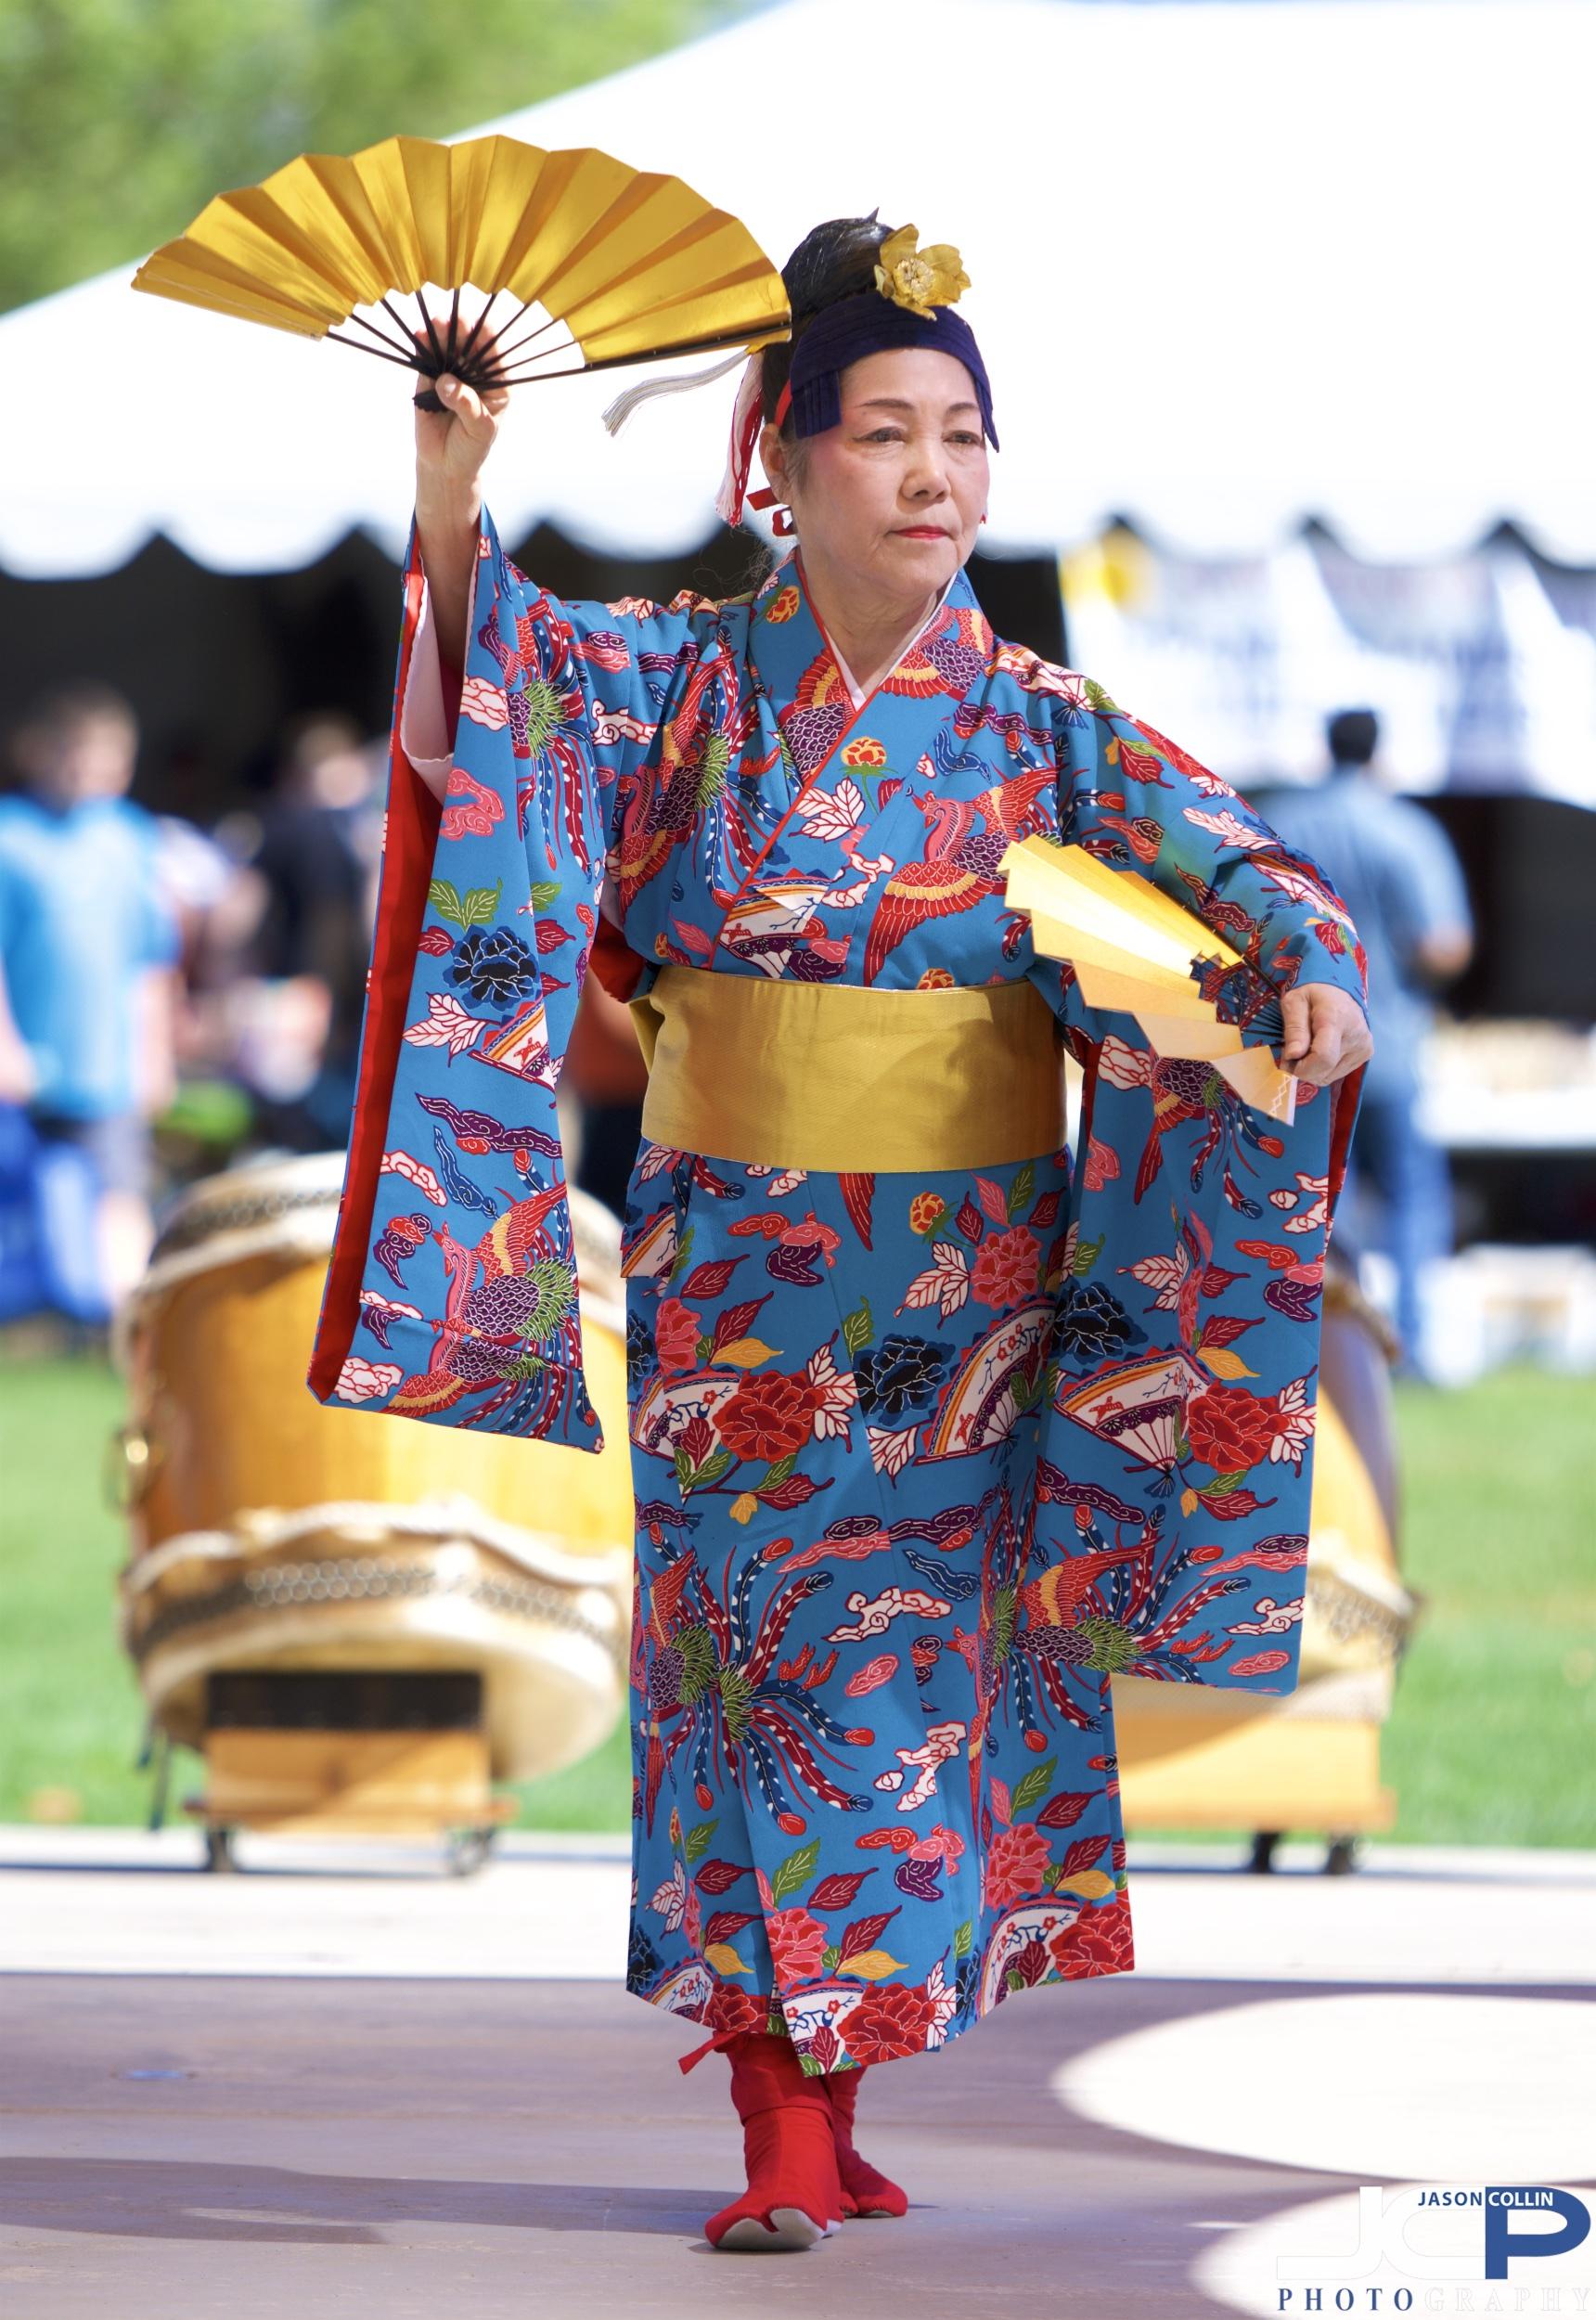 japanese-festival-2018-abq-105363.jpg